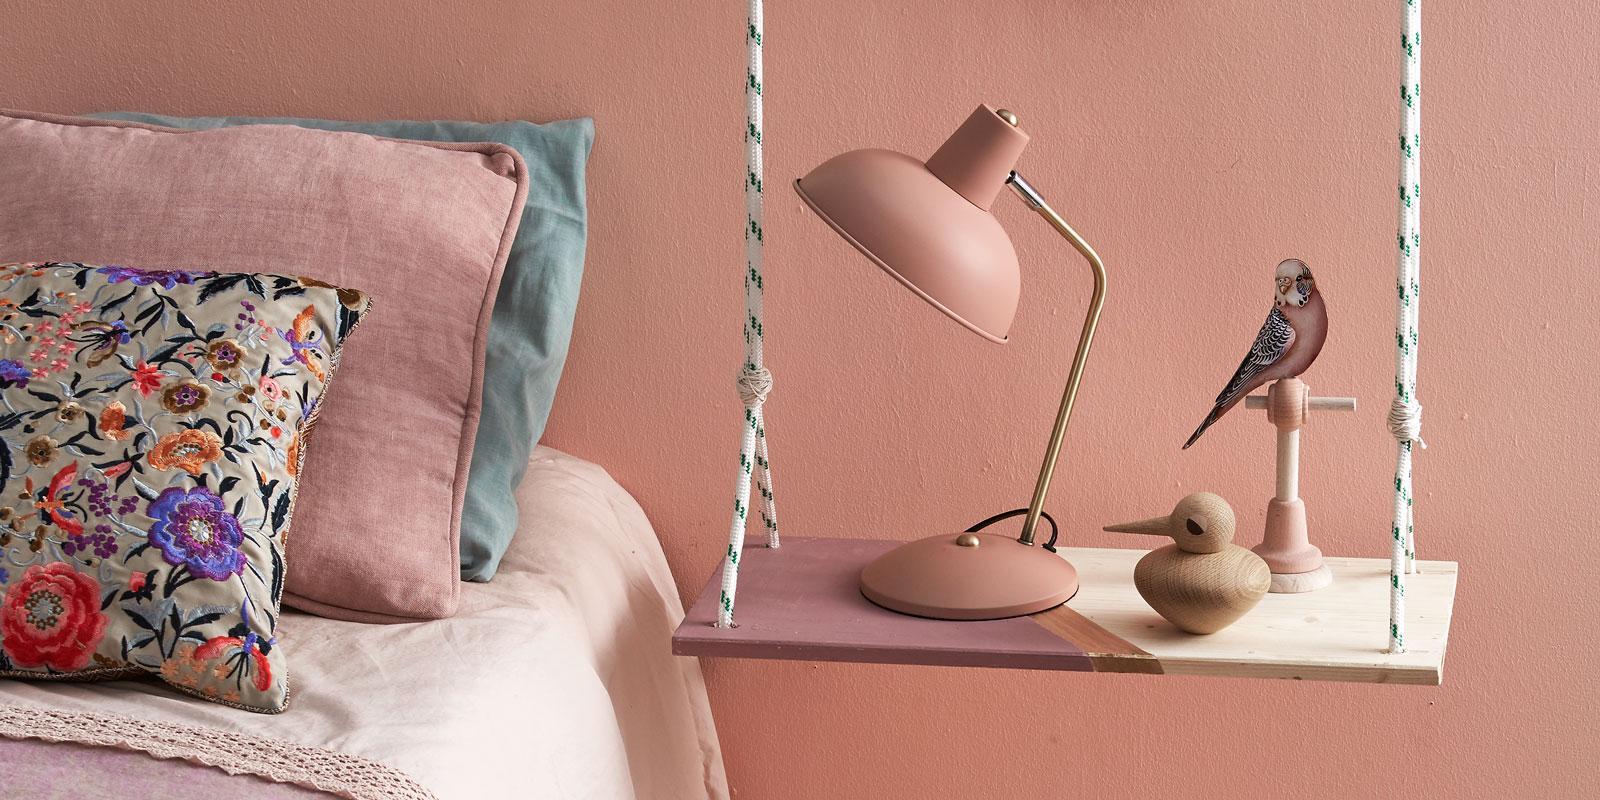 Altalena Giardino Ikea un comodino-altalena sospeso - cose di casa